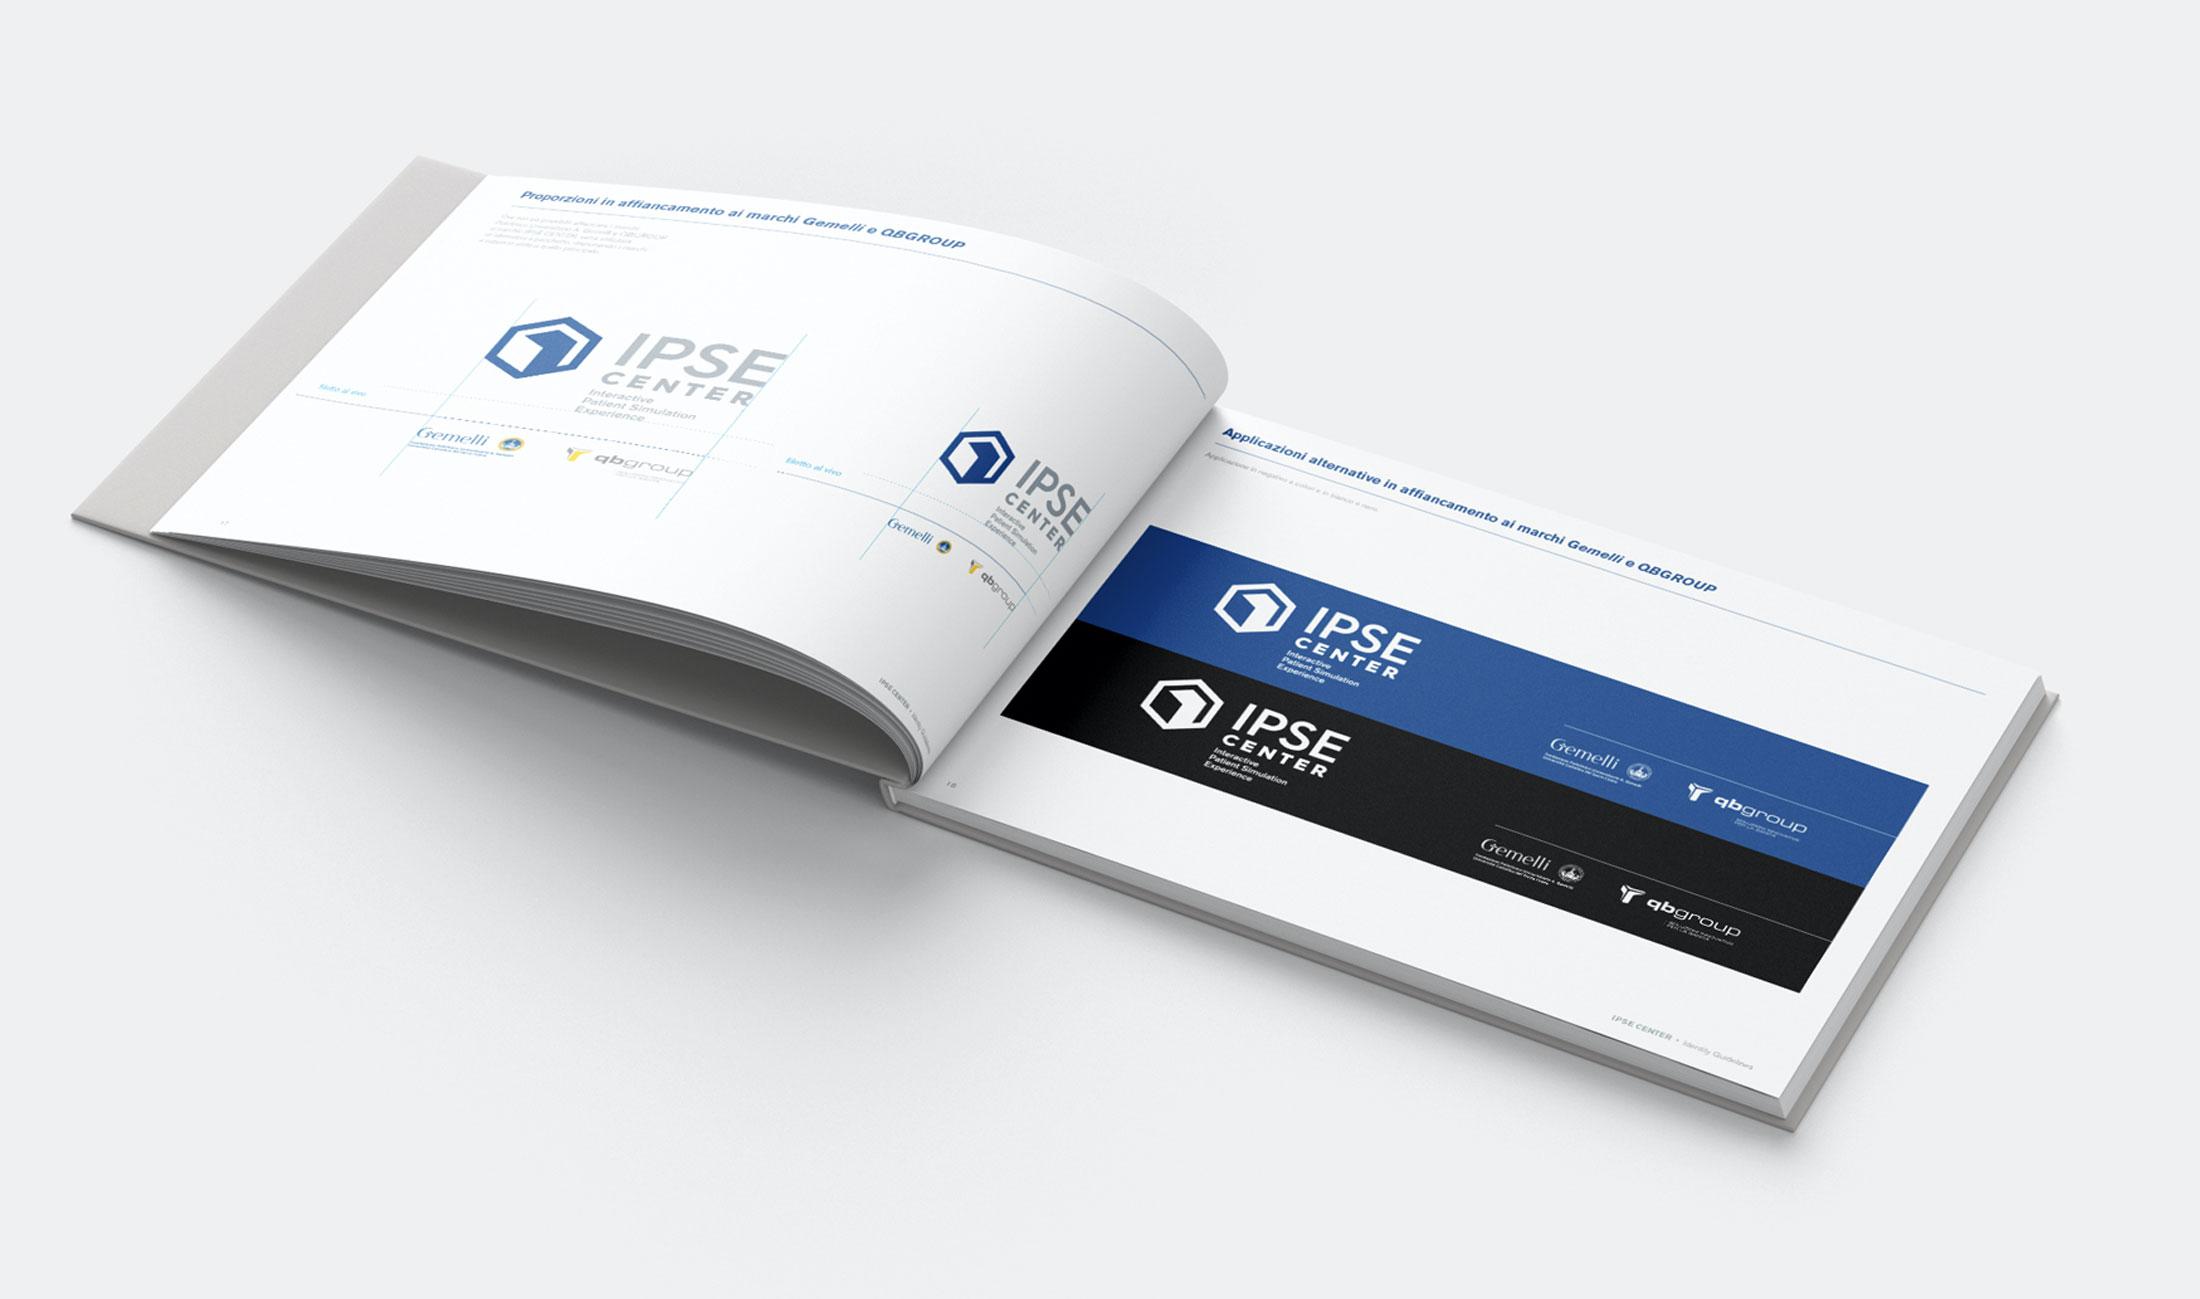 brand manual Ipse Center per la fondazione Gemelli